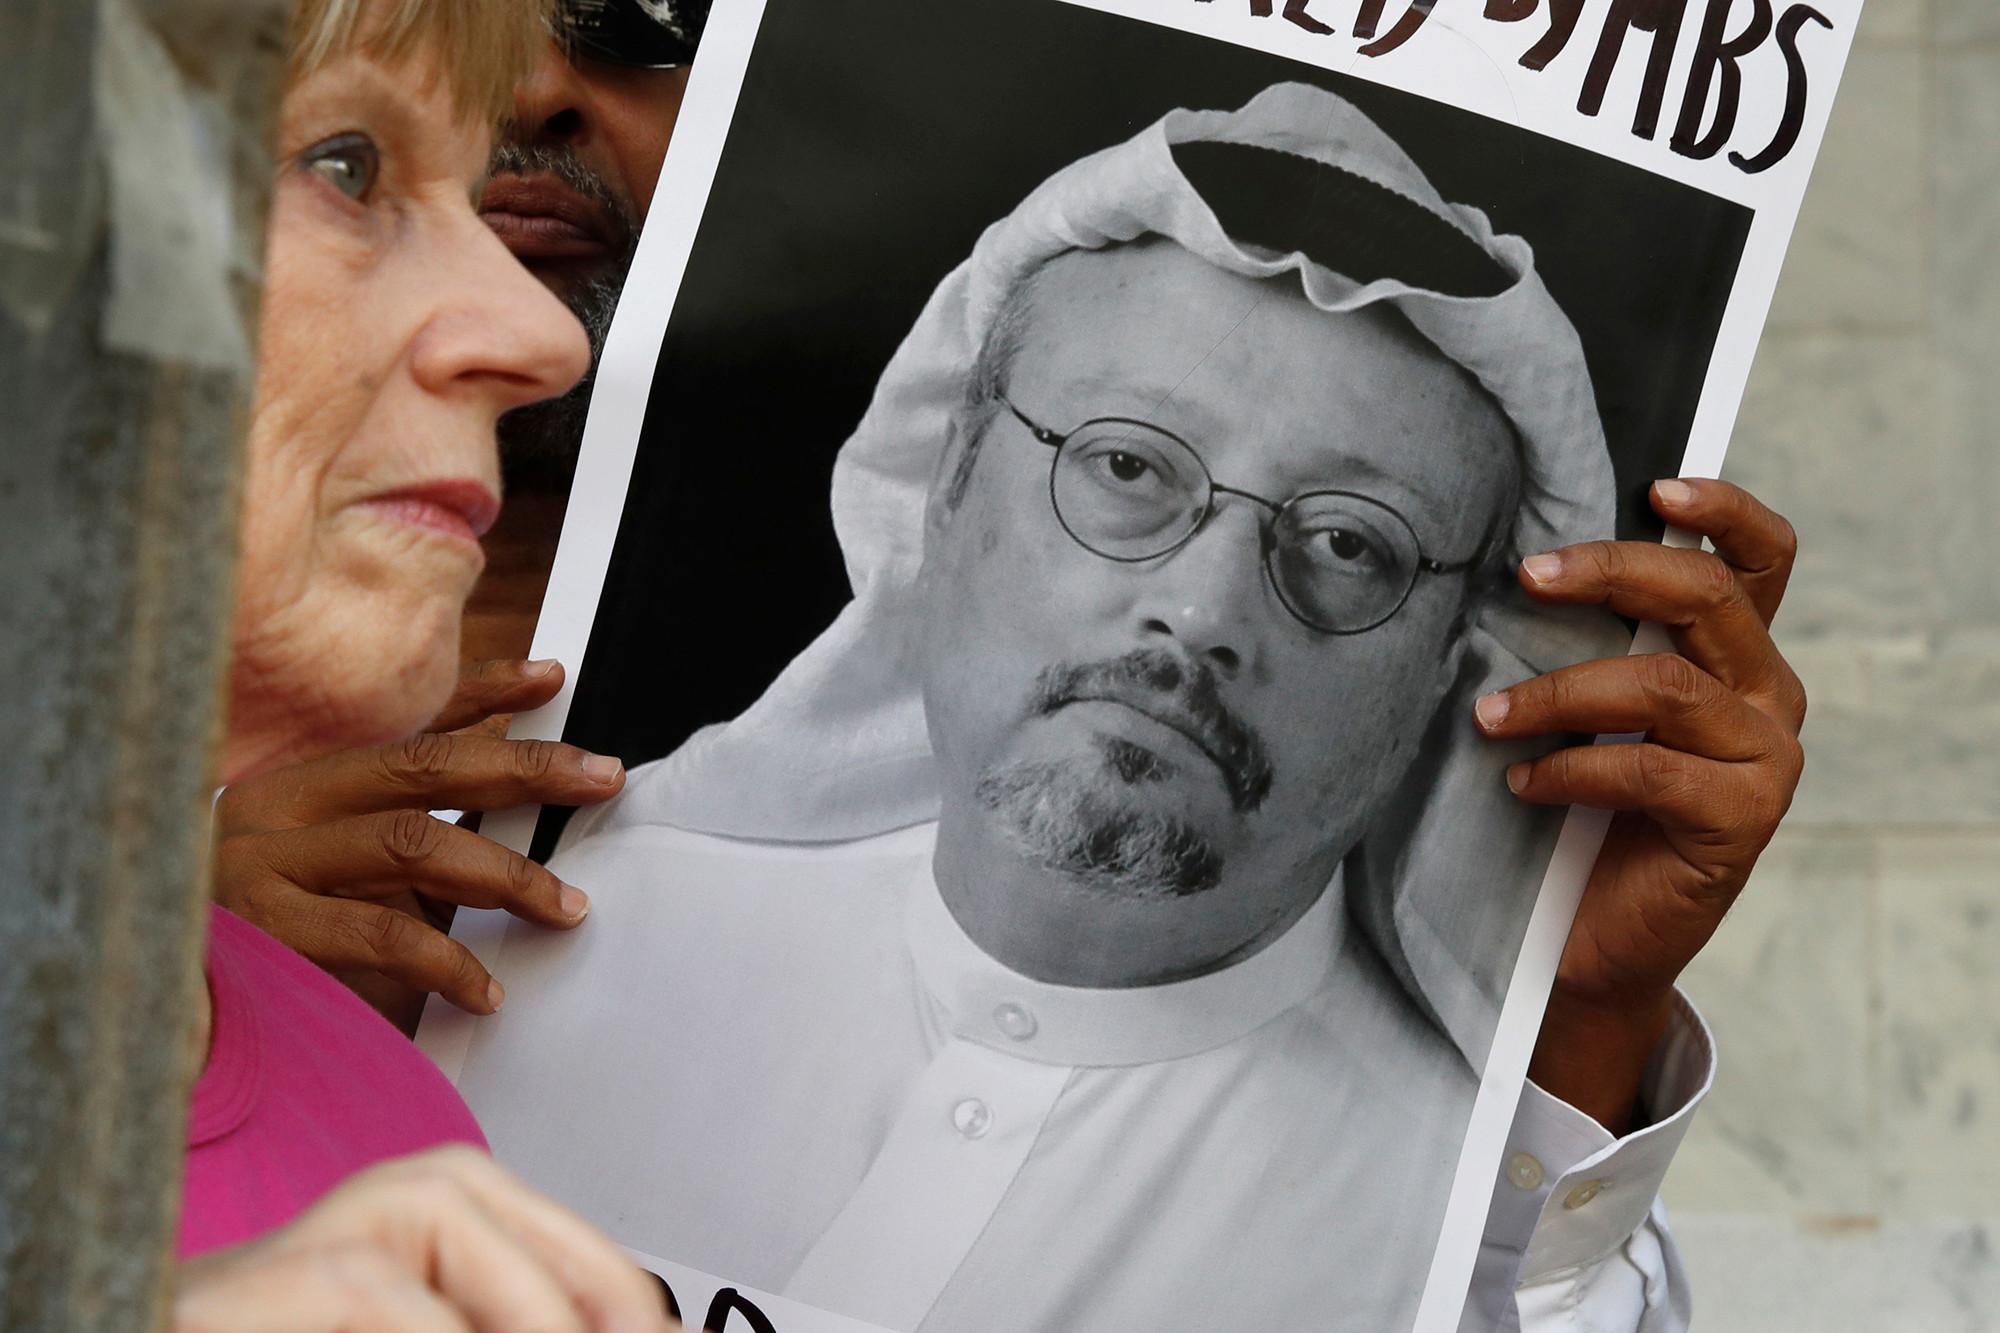 Jamal Khashoggi murder suspect was heard boasting, 'I know how to cut'